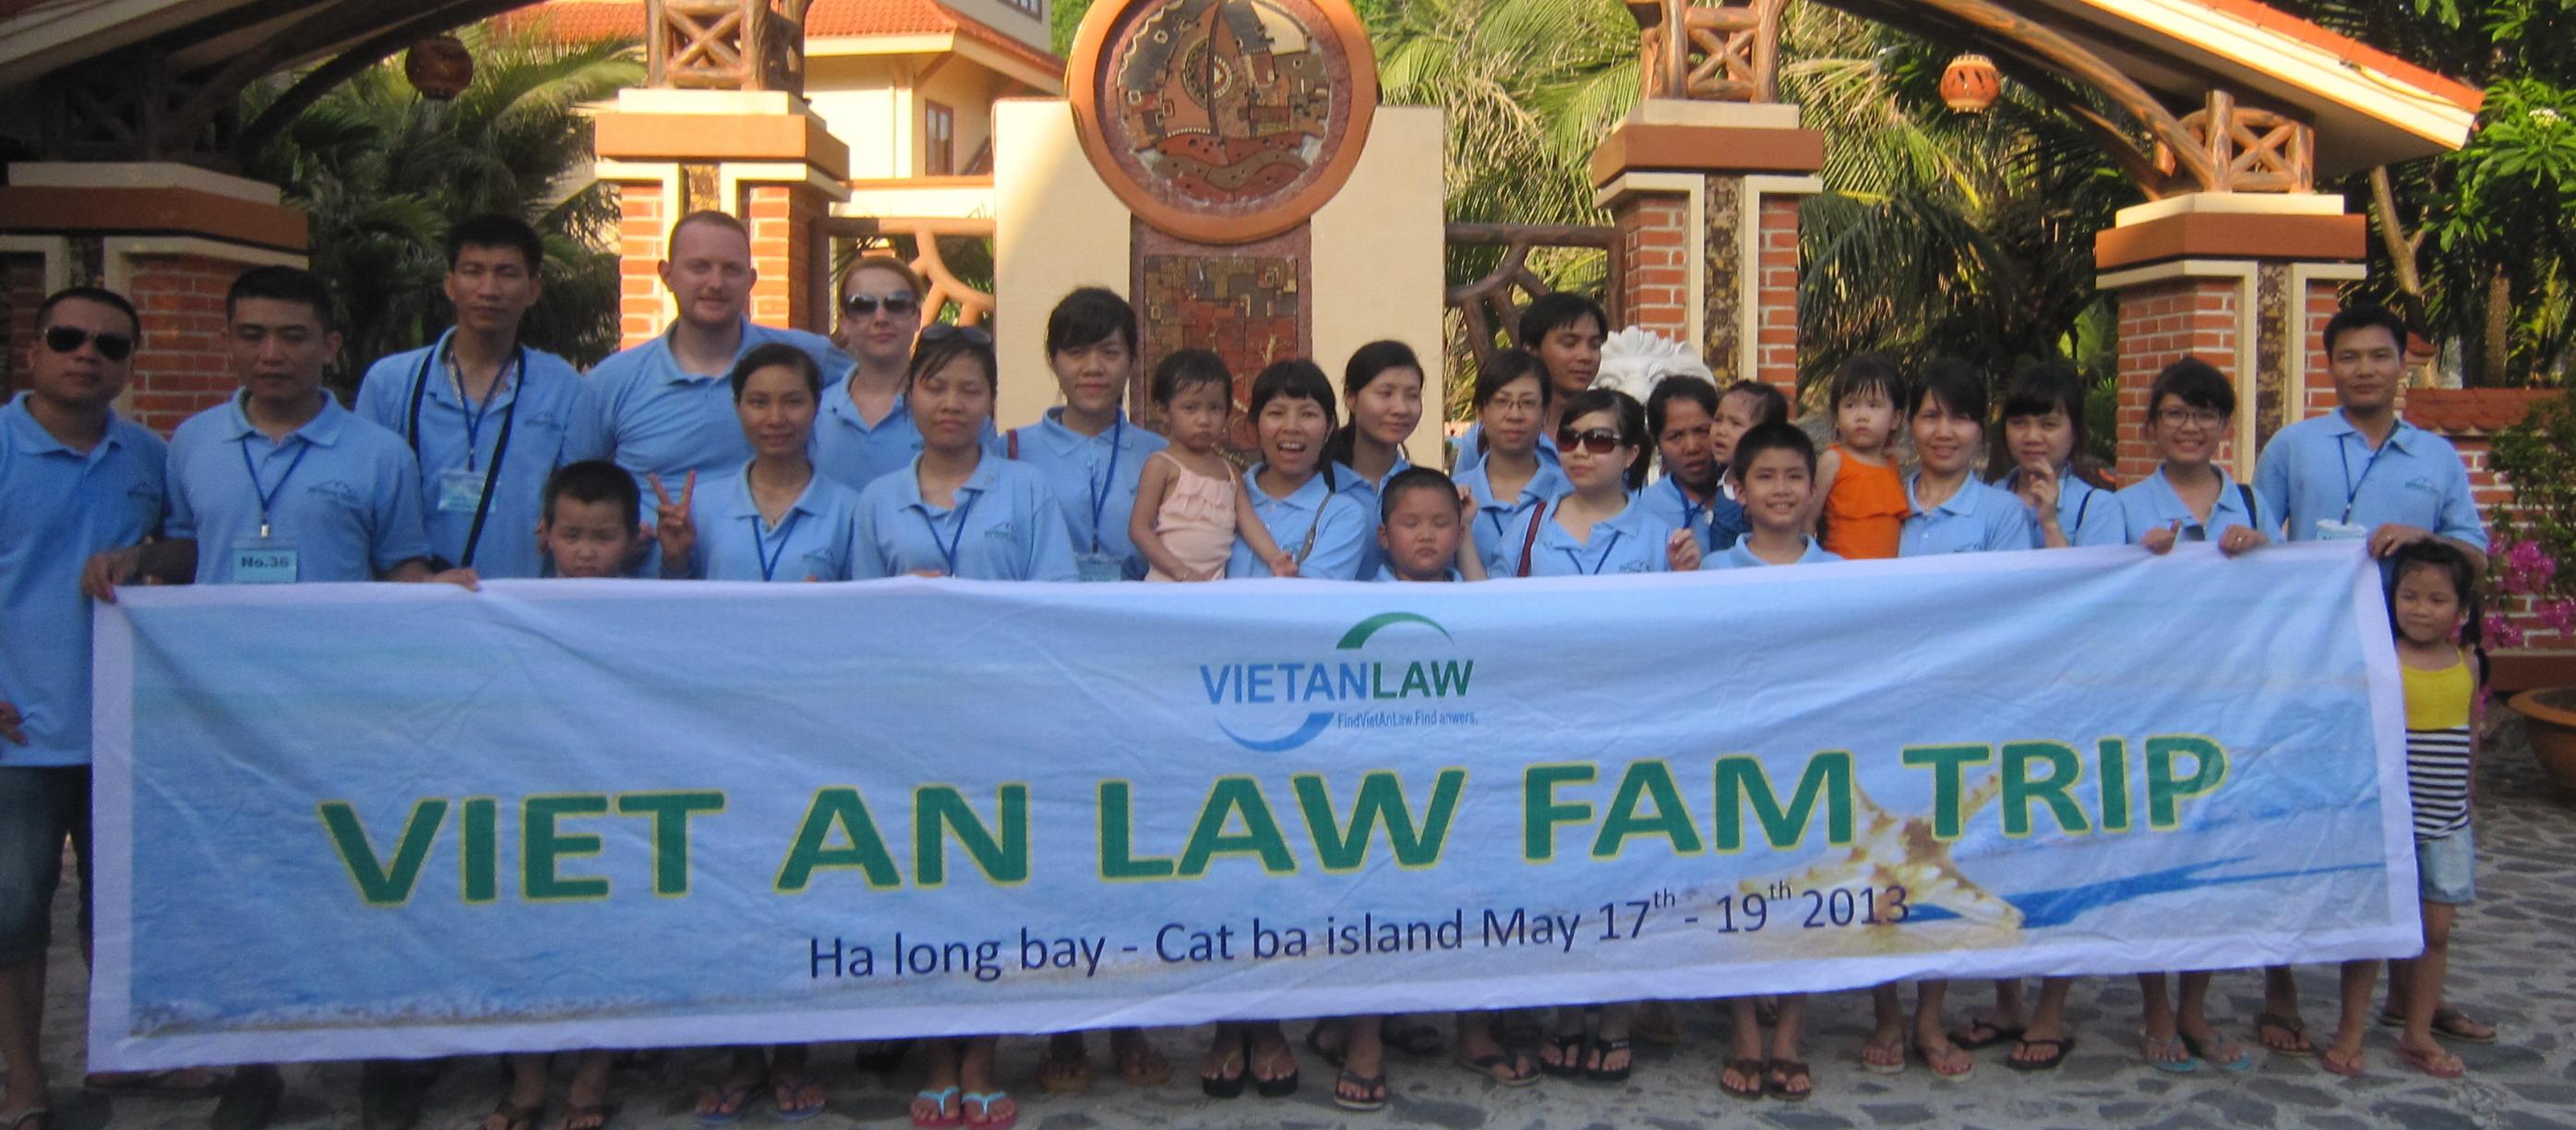 Công ty Luật Việt An - Văn phòng luật sư Việt An - Viet An Law Team